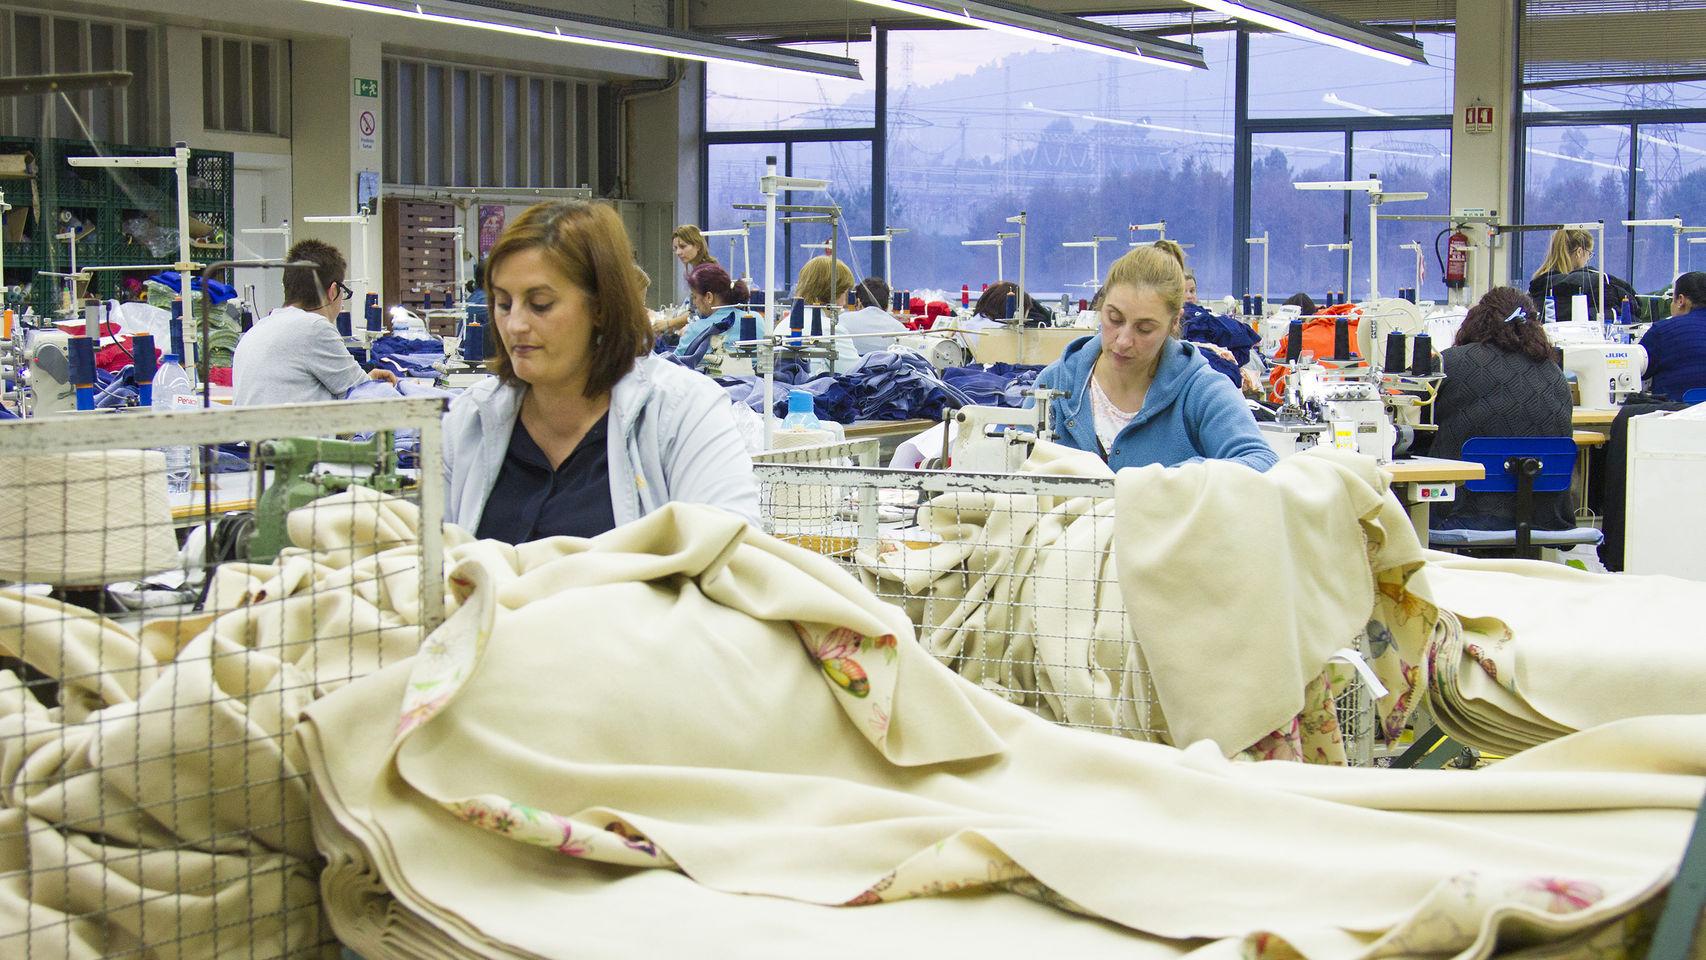 Costureras trabajan en la fábrica de Crispim Abreu en Serzedelo @elespanol.com